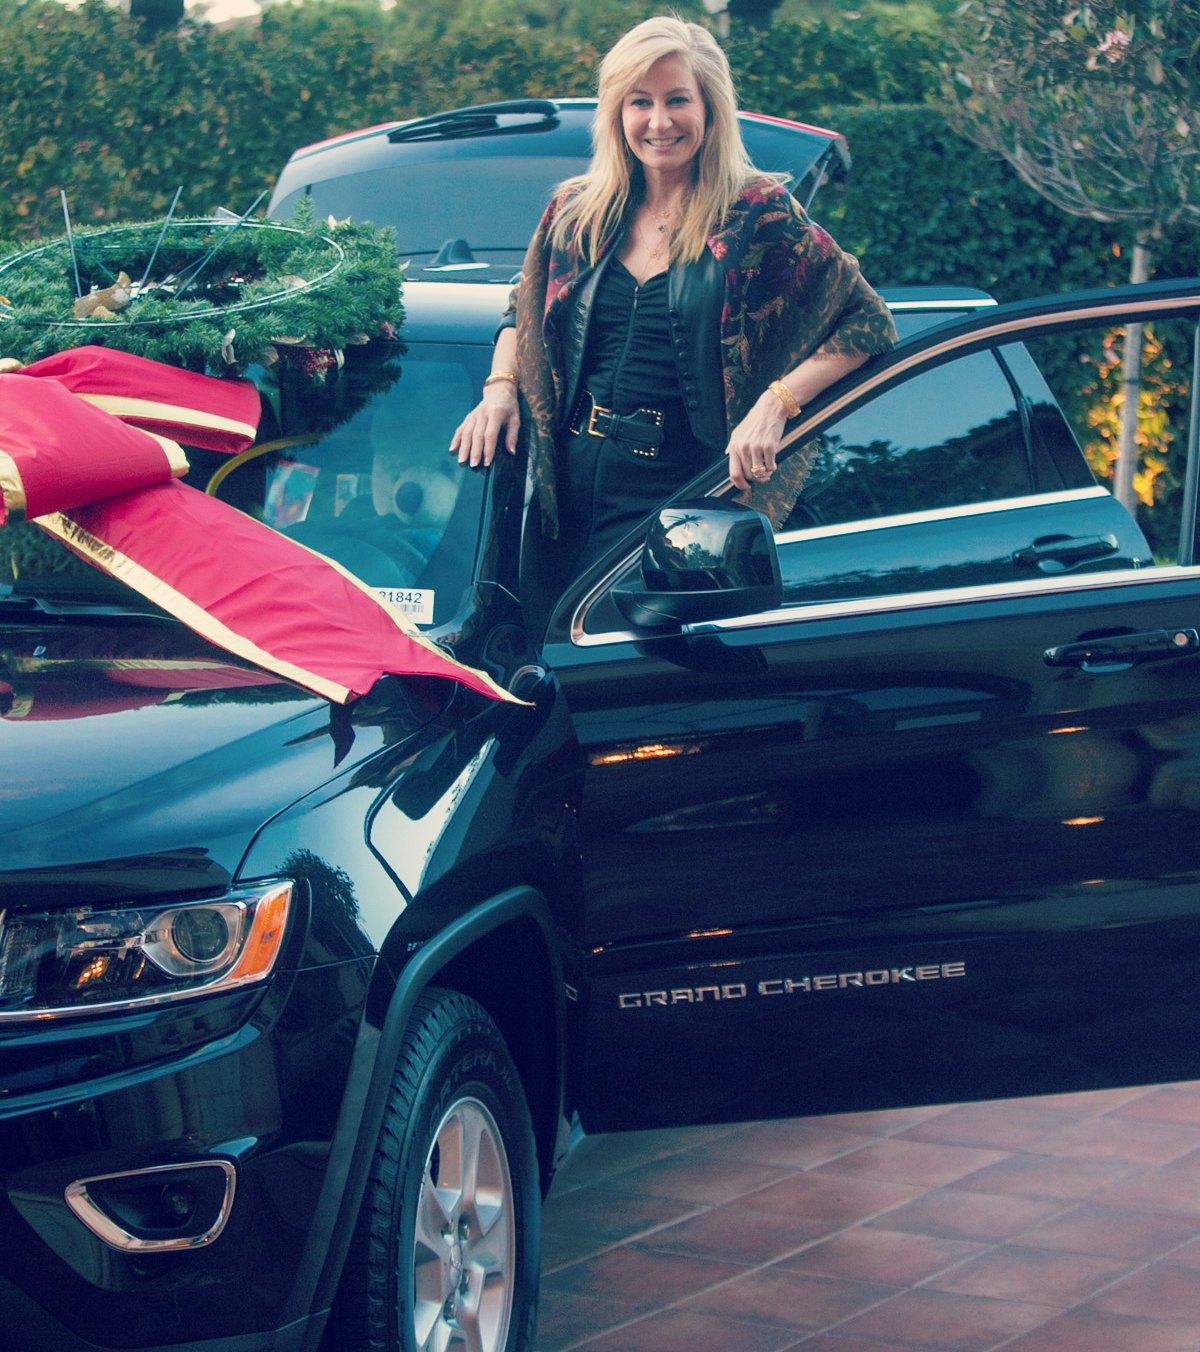 Beth Jupp, winner of our Jeep Grand Cherokee Raffle